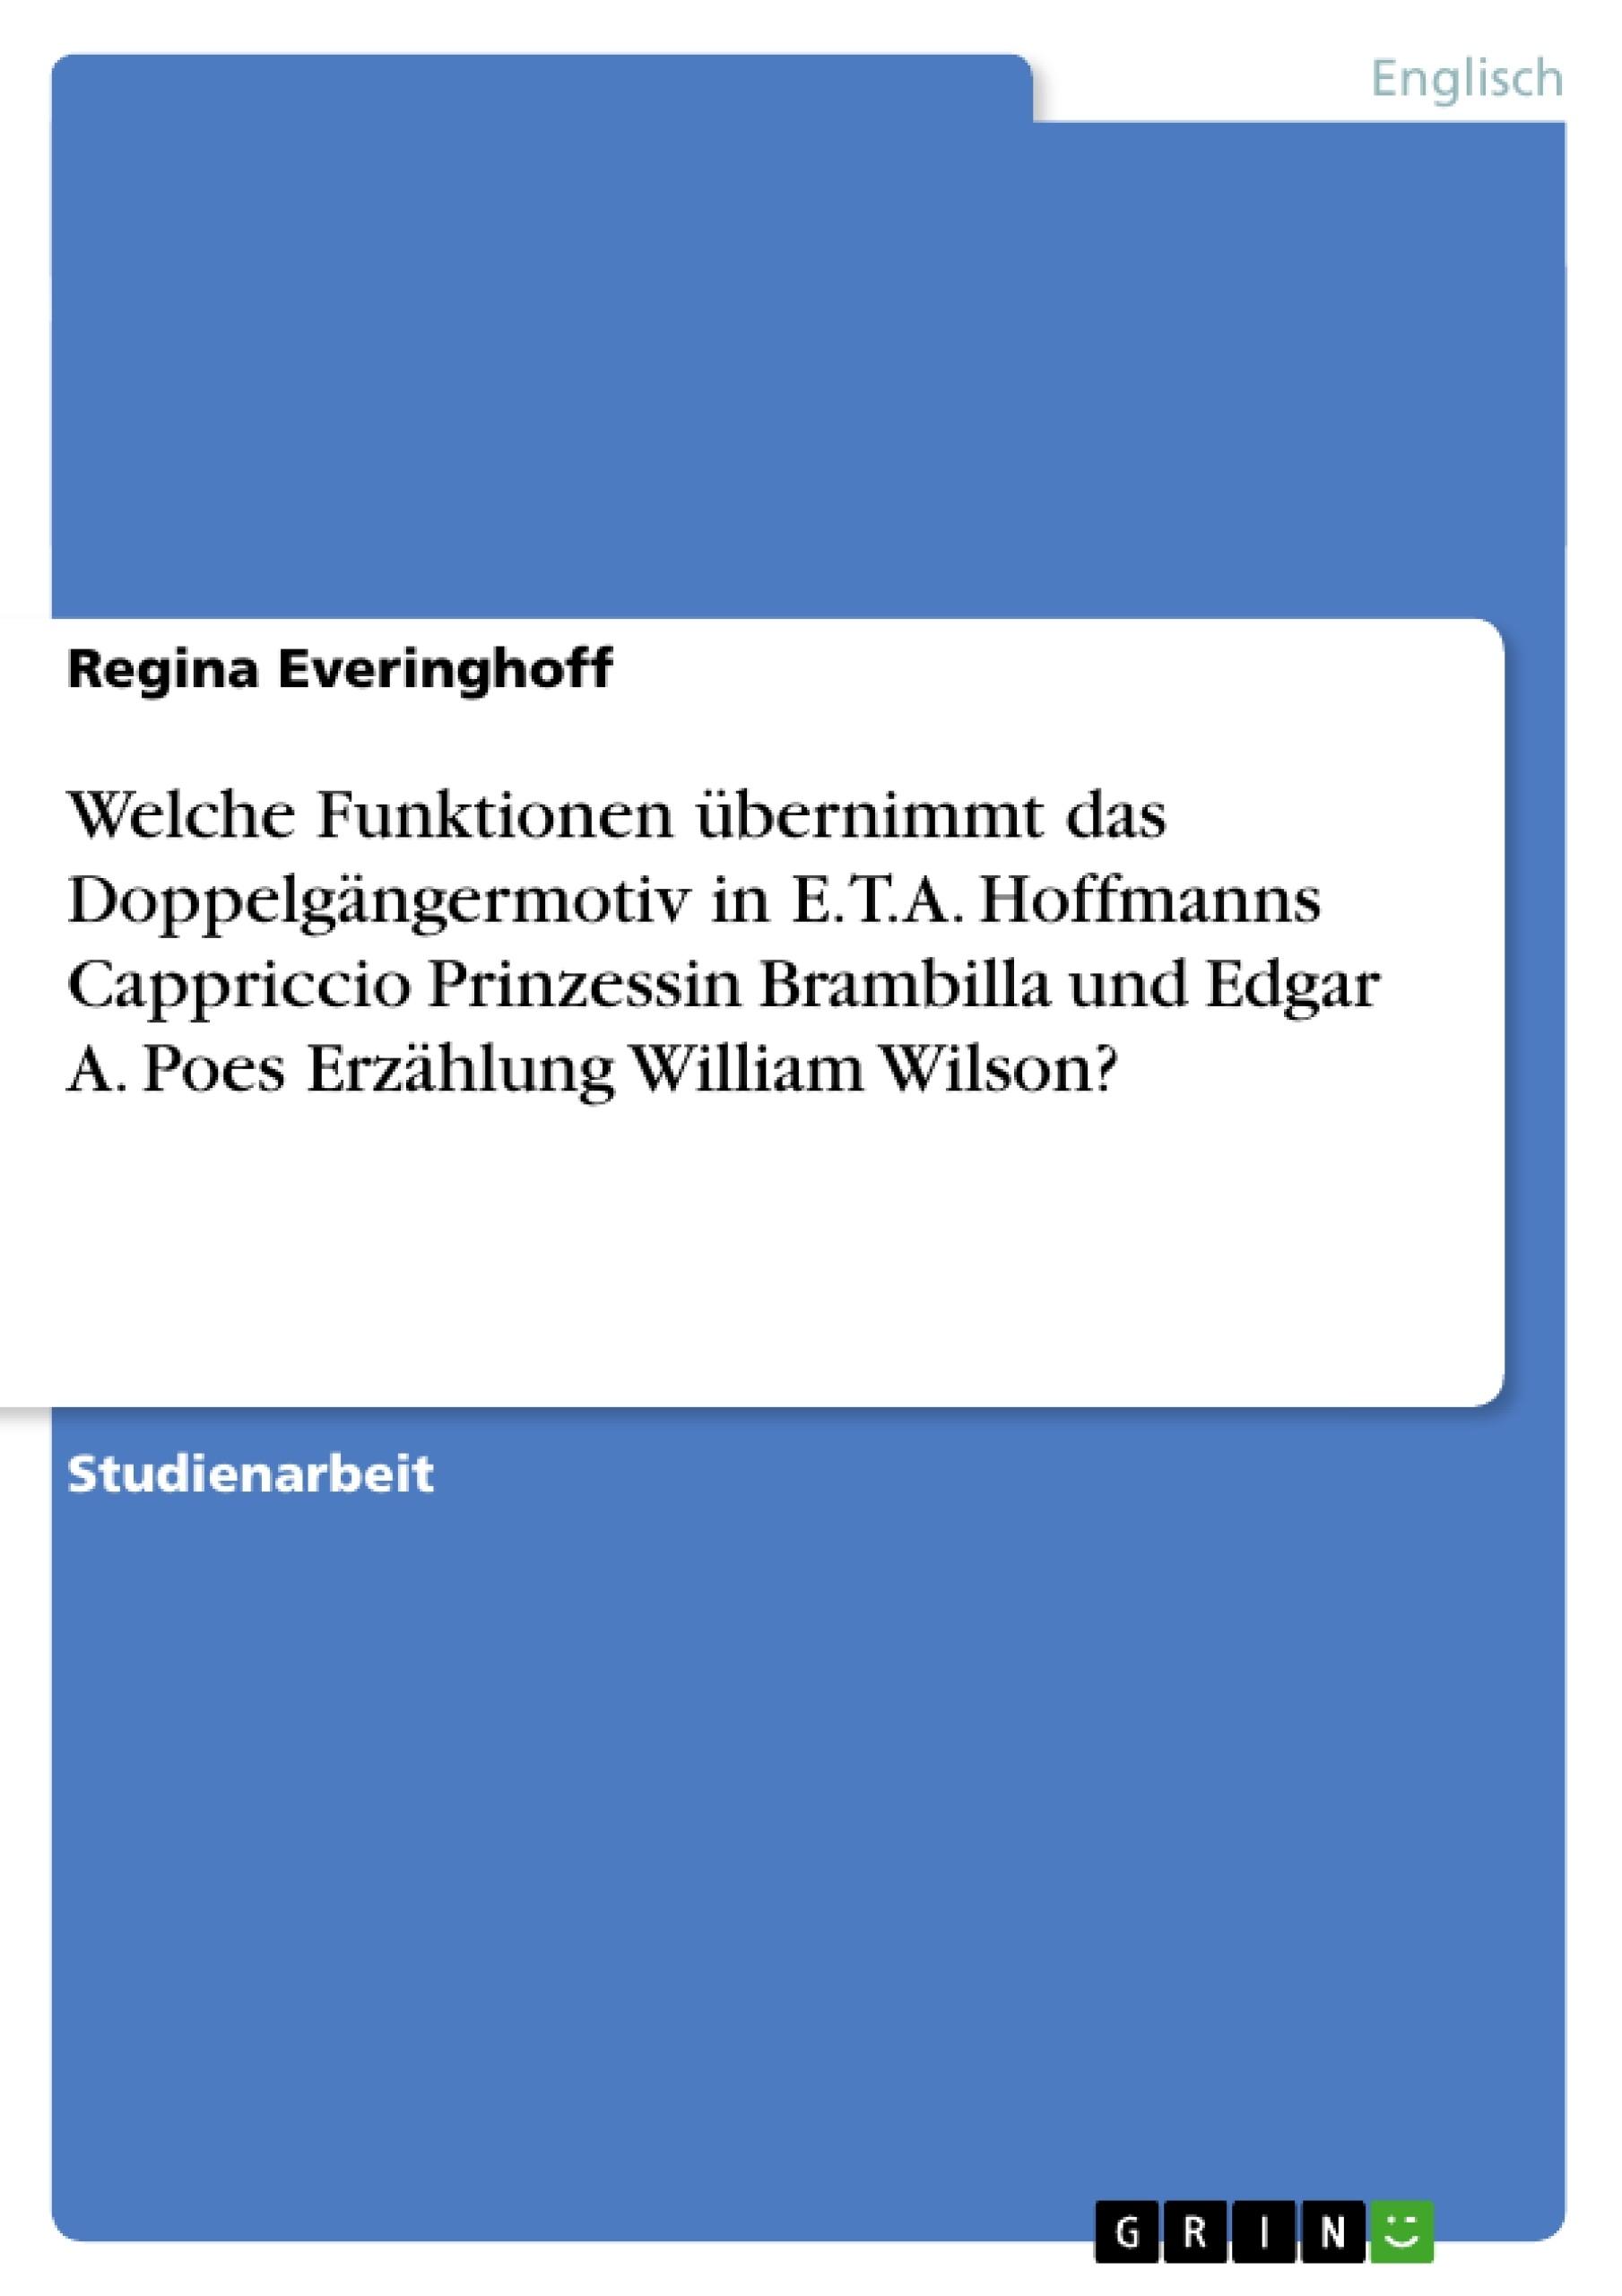 Titel: Welche Funktionen übernimmt das Doppelgängermotiv in E.T.A. Hoffmanns Cappriccio Prinzessin Brambilla und Edgar A. Poes Erzählung William Wilson?